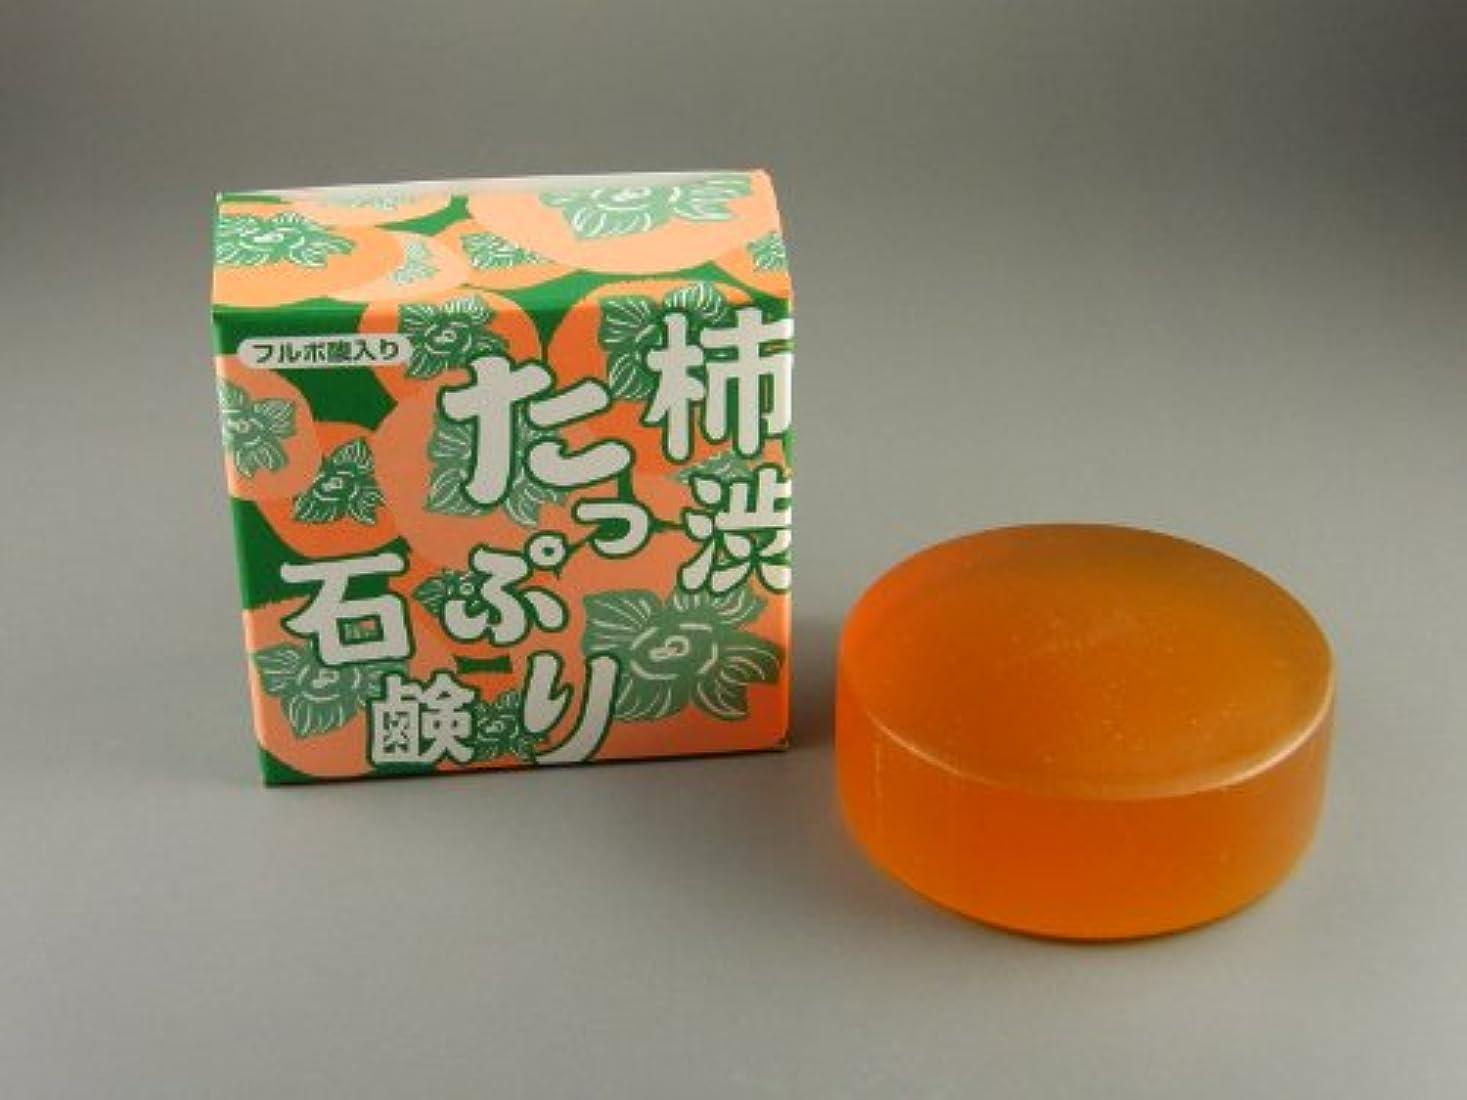 歩き回る確認するエスカレーター柿渋たっぷり石鹸 100g(フルボ酸入り)